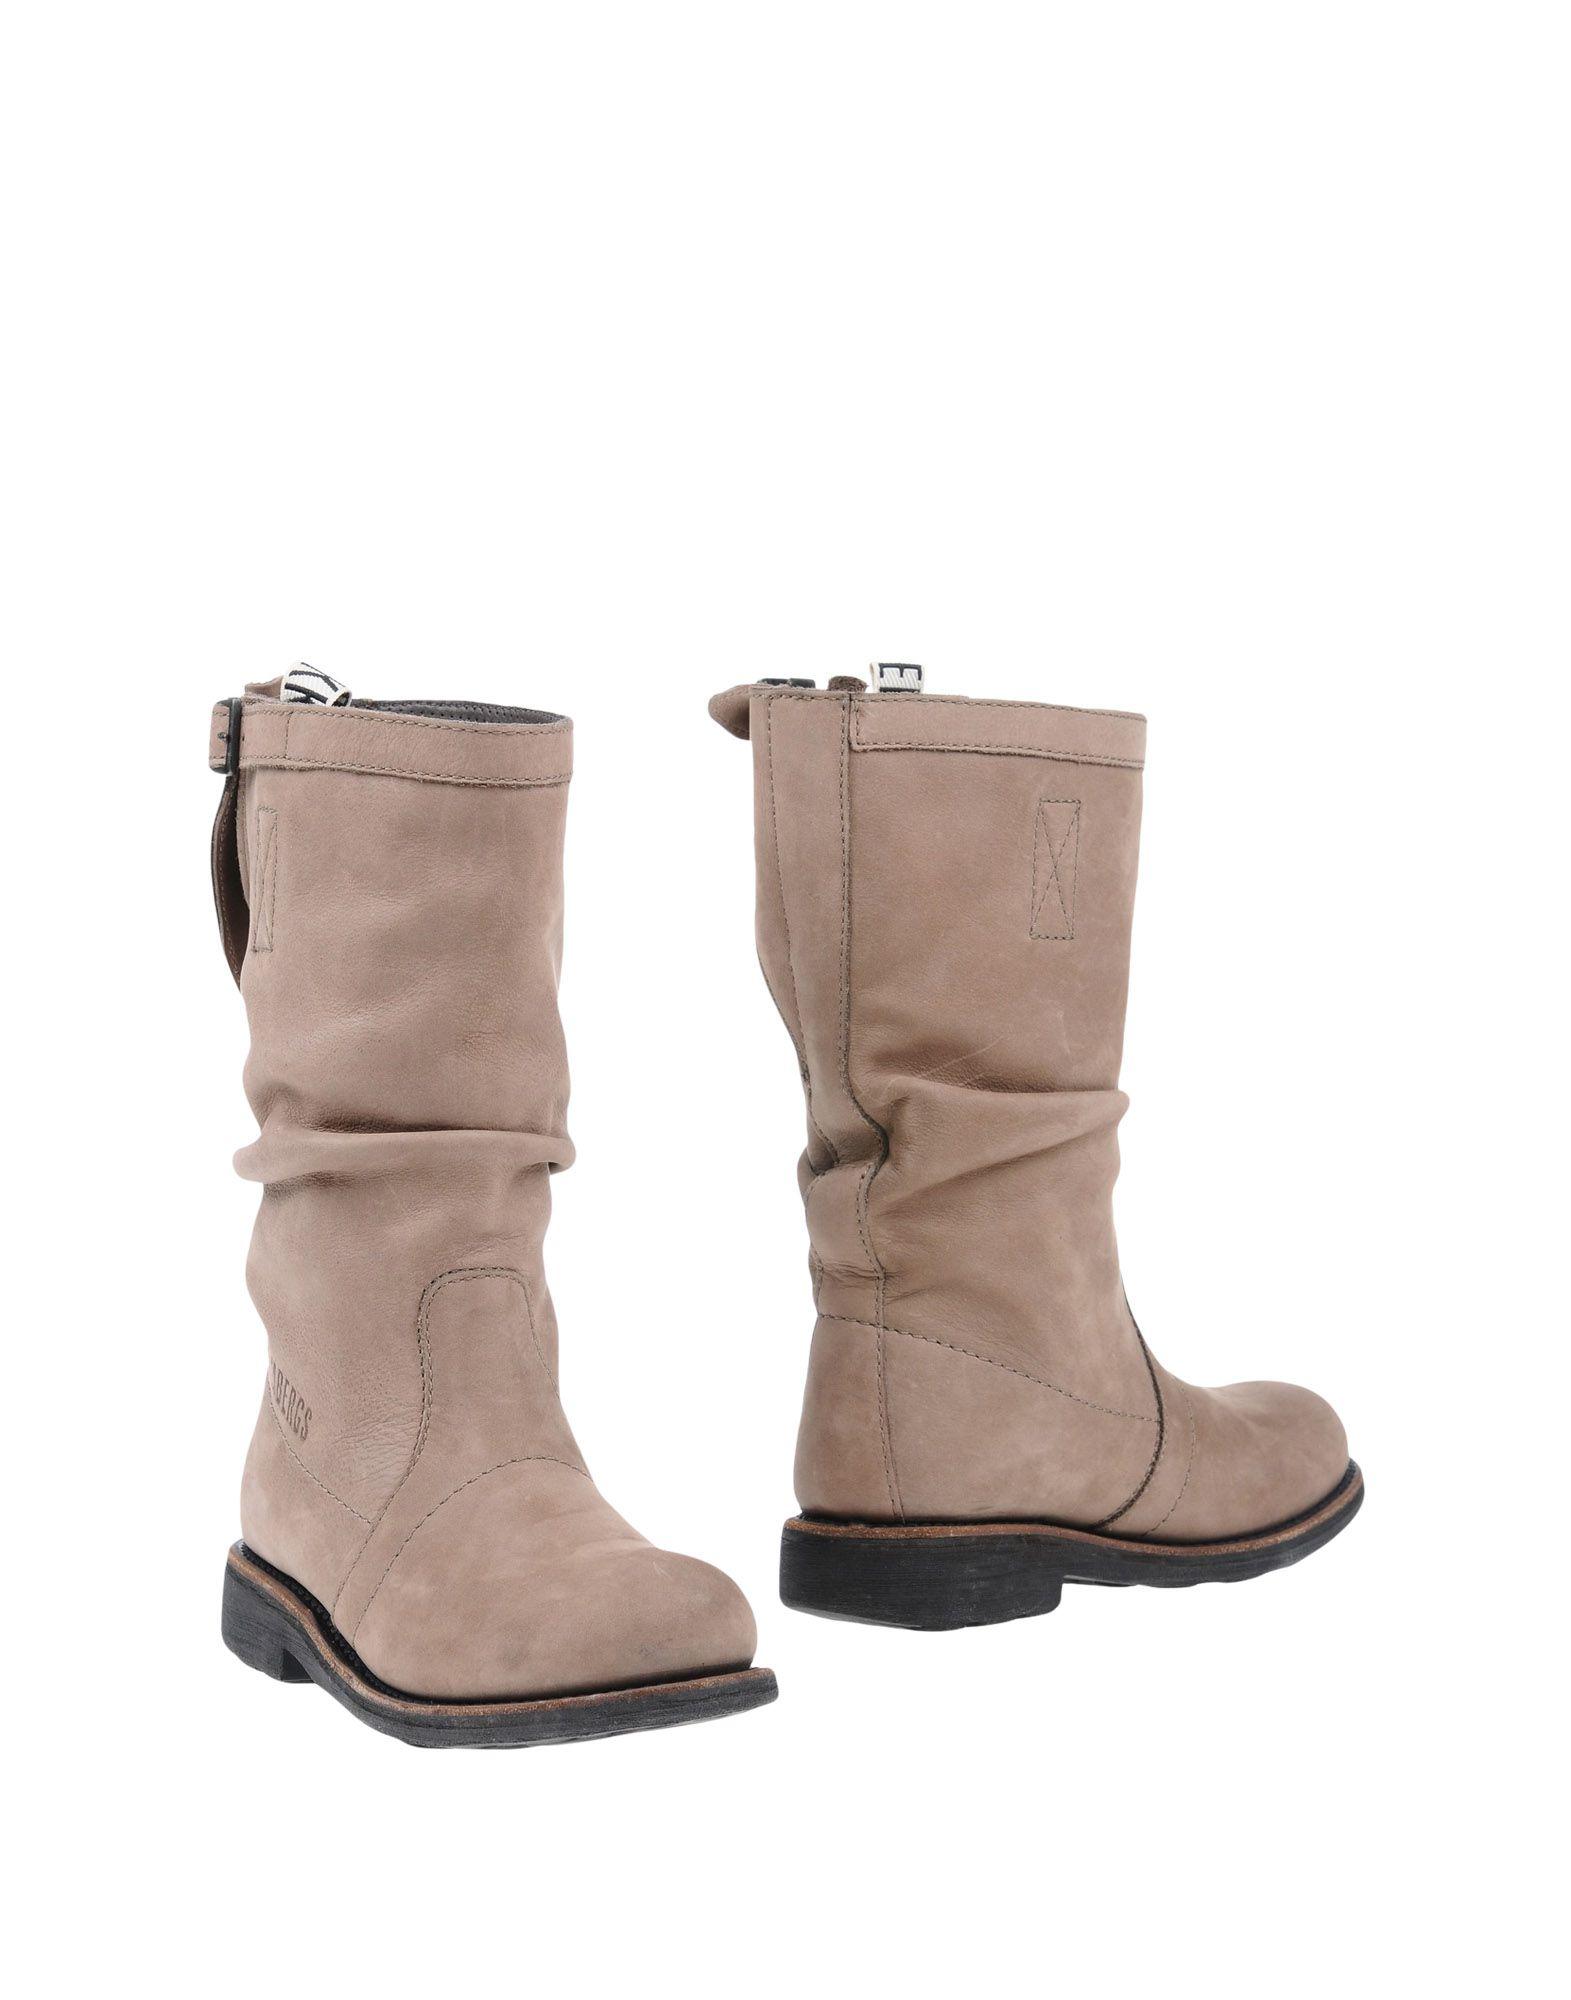 Billig-2716,Bikkembergs Stiefel Damen Gutes Preis-Leistungs-Verhältnis, sich es lohnt sich Preis-Leistungs-Verhältnis, 746224